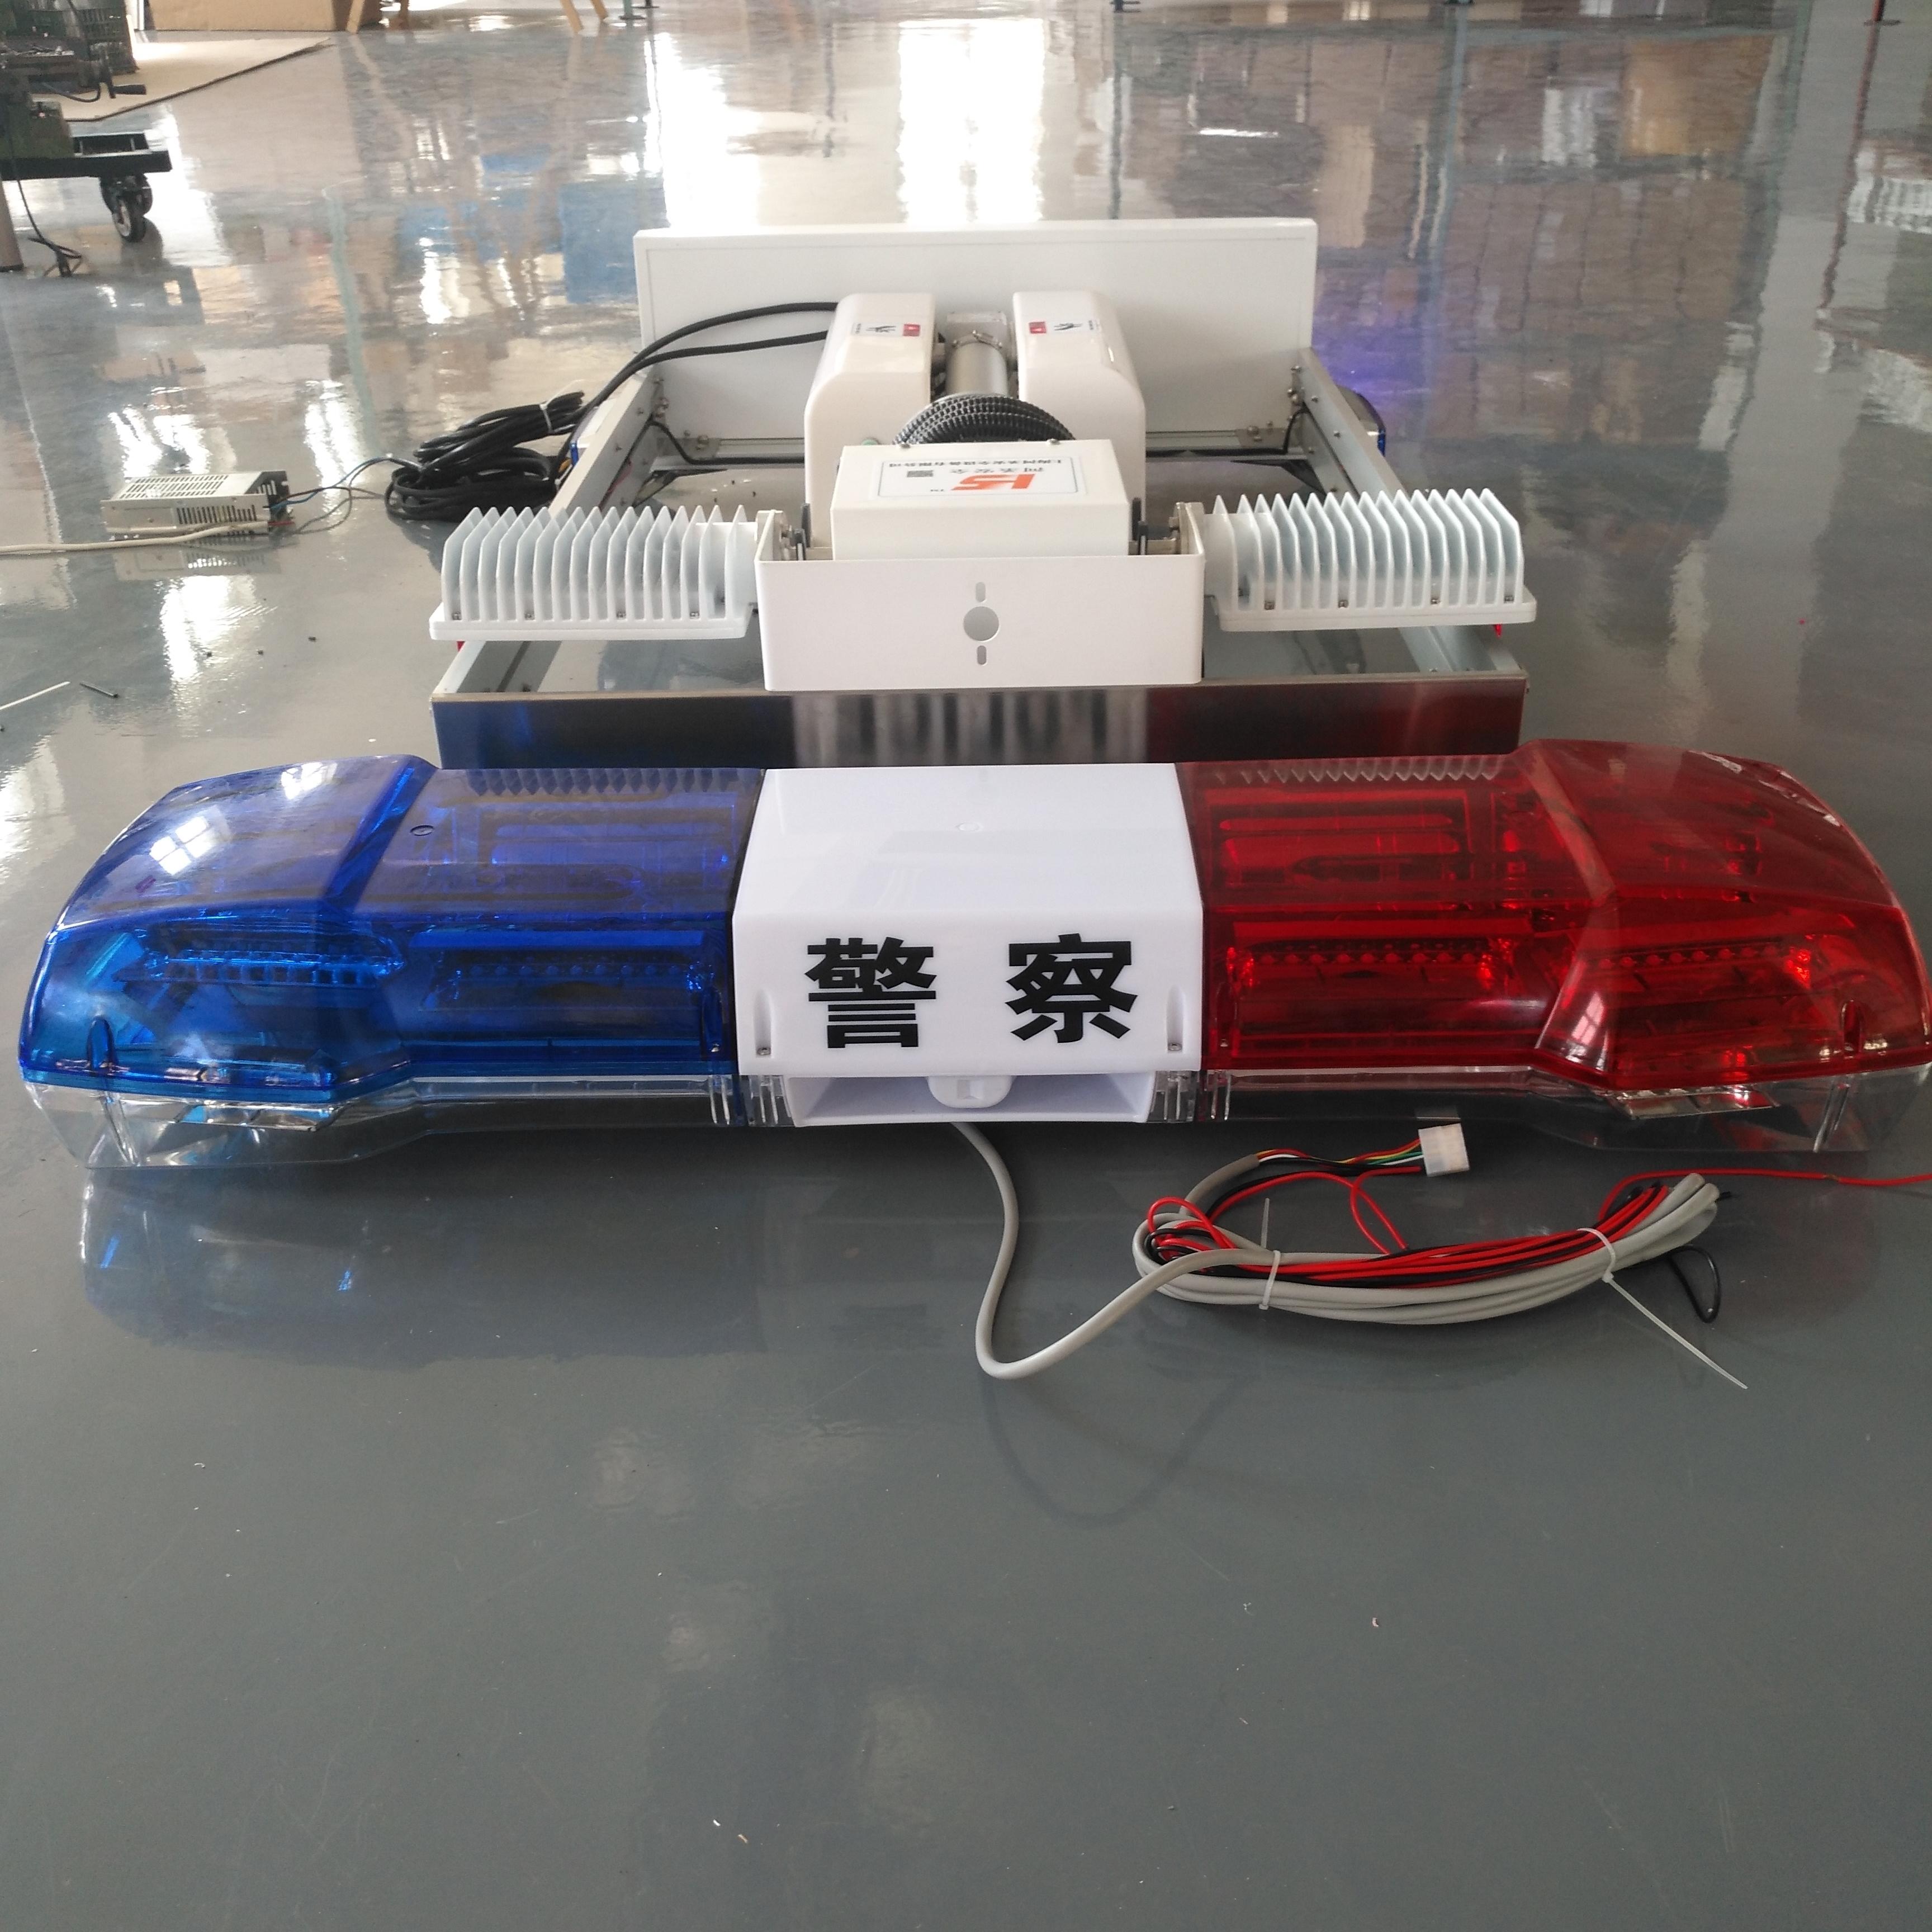 便携式升降照明装置 车顶升降设备 河圣安全